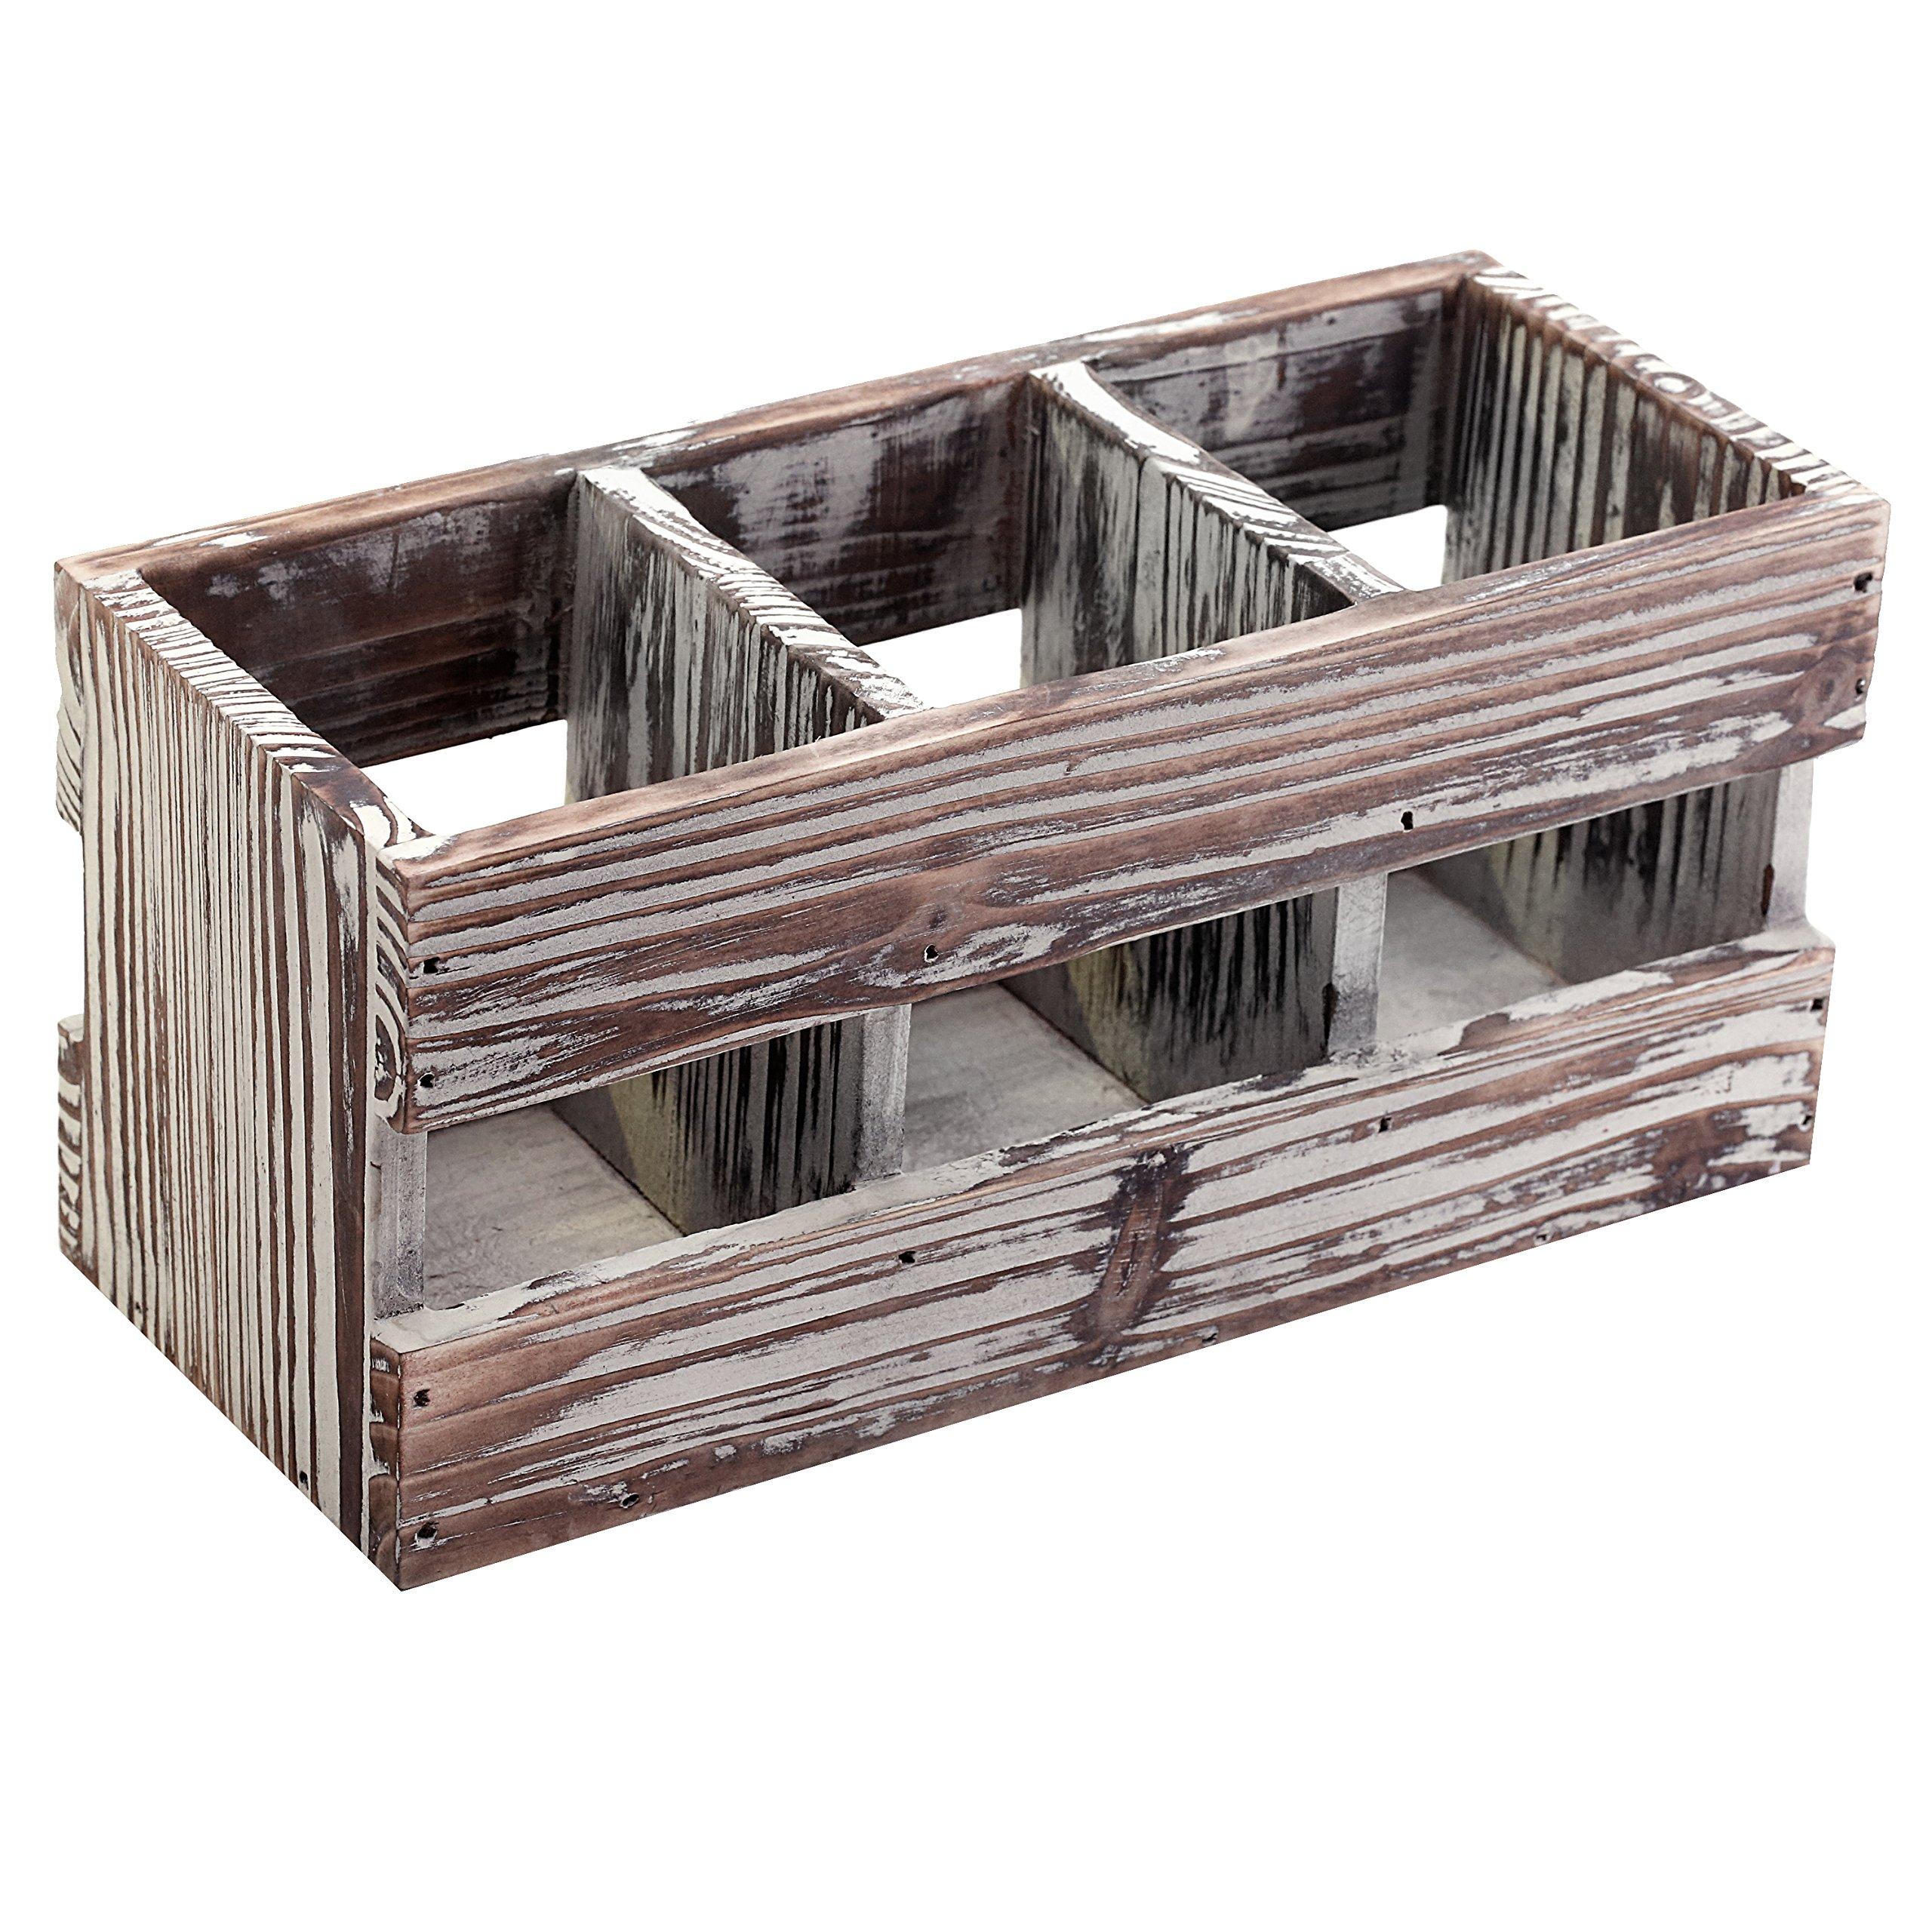 3 Compartment Torched Wood Desktop Office Supplies Caddy Desk Organizer Storage Holder